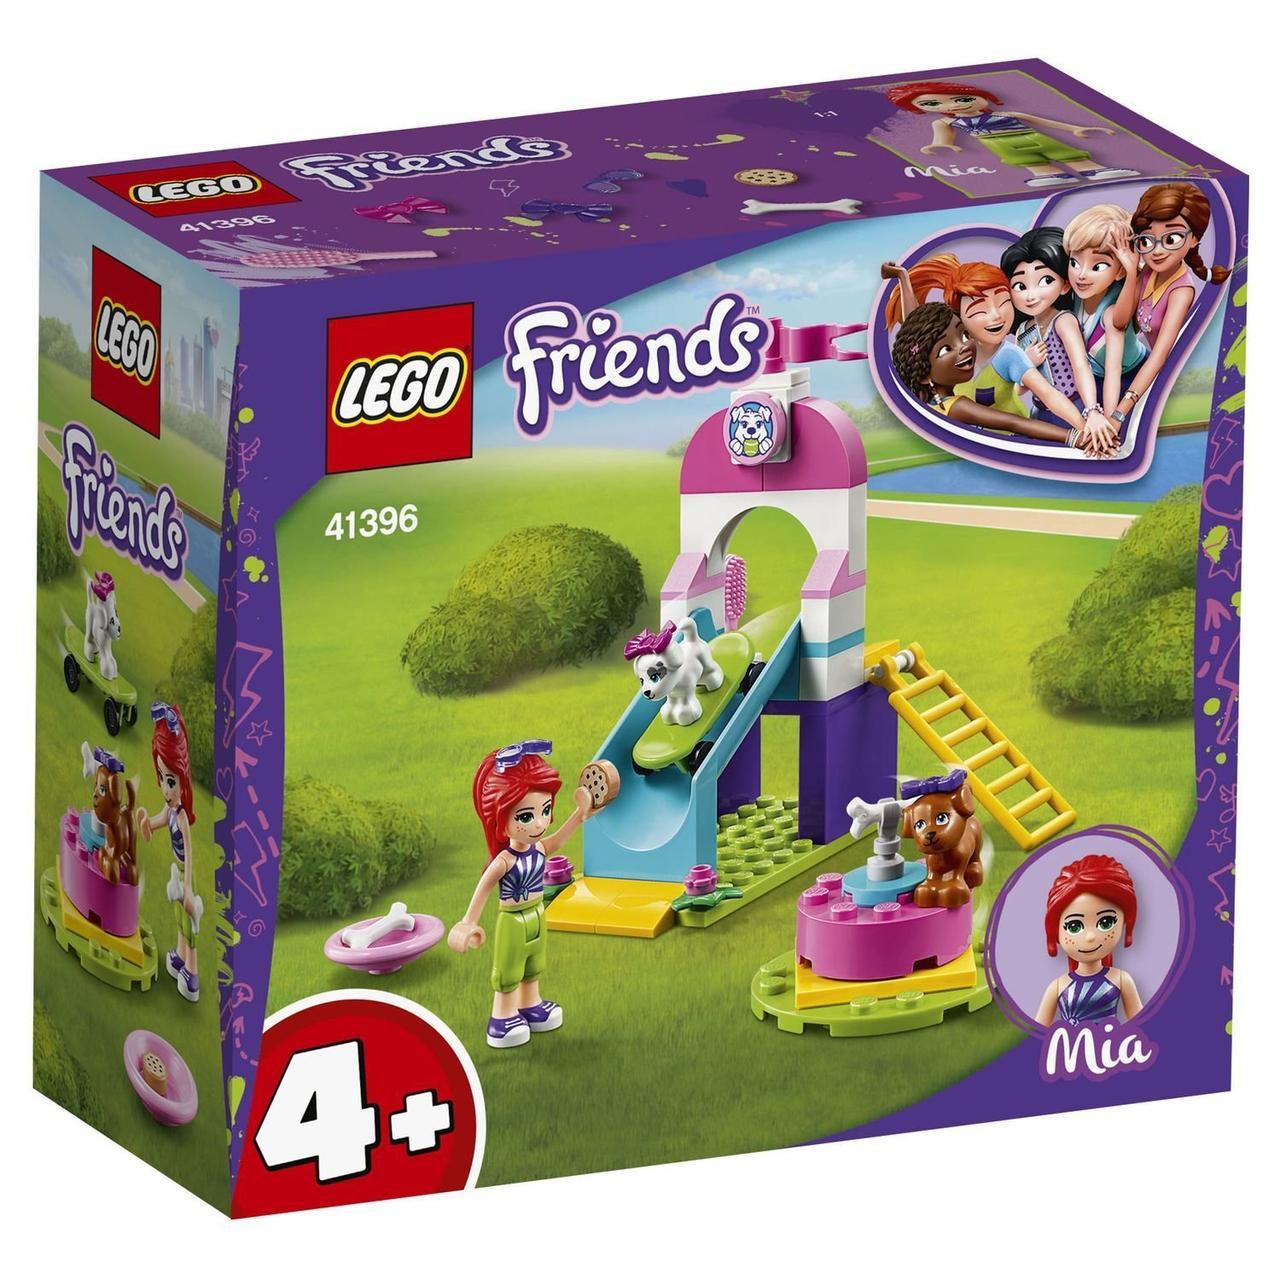 LEGO Friends 41396 Игровая площадка для щенков, конструктор ЛЕГО - фото 2